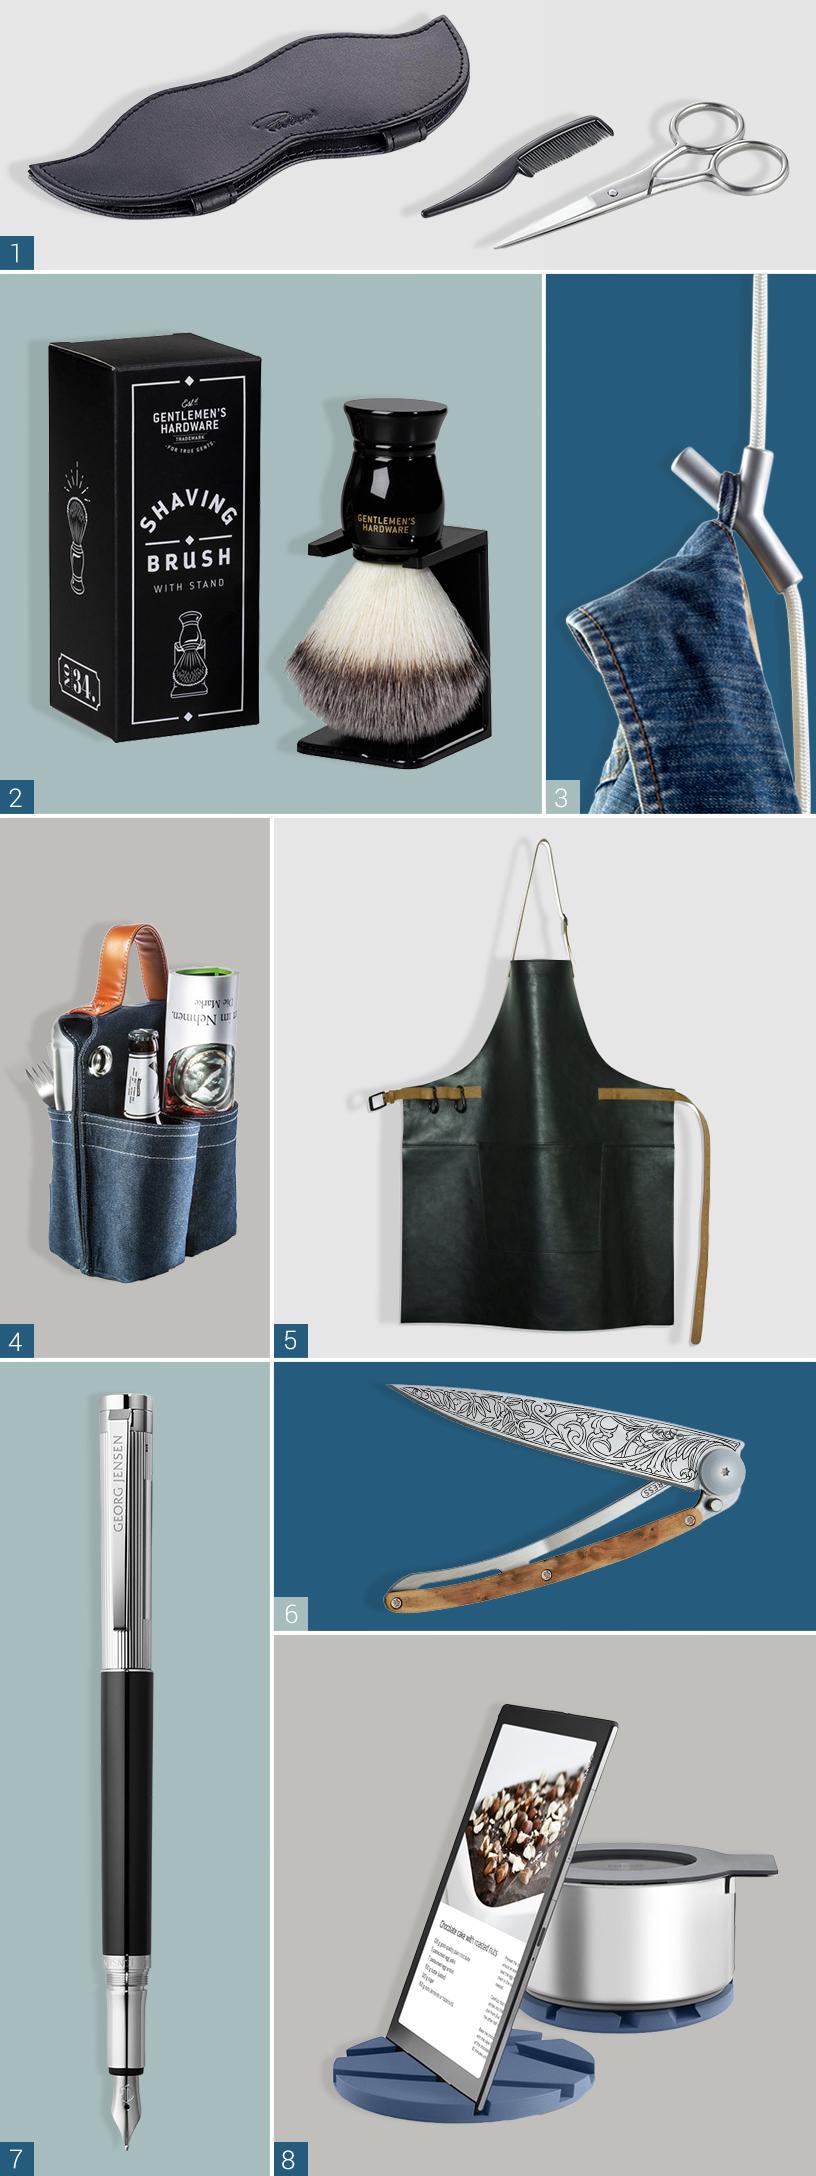 Man sieht acht Produkte verschiedener Hersteller. Oben im Bild ist eine schwarze Ledertasche von Philippi zu sehen. Daneben liegt eine Schere und ein kleiner Kamm zur Bartpflege . Im Bild darunter ist ein schwarzer Rasierpinsel von Wild & Wolf zu sehen. Rechts im Bild neben dem Rasierpinsel ist eine silberner Kleiderhaken von Authentics zu sehen, an dem eine Jeans hängt. Darunter befindet sich eine schwarze Lederschürze von Dutchdeluxes. Links daneben ist ein mehrfächriger Fahrradtasche aus Jeans von Donkey Products zu sehen. Darunter ist ein Füllfederhalter von George Jensen zu sehen. Daneben befindet sich ein hölzernes Messer von Deejo und blaue Untersetzer für Töpfe und Tablets von Eva Solo.